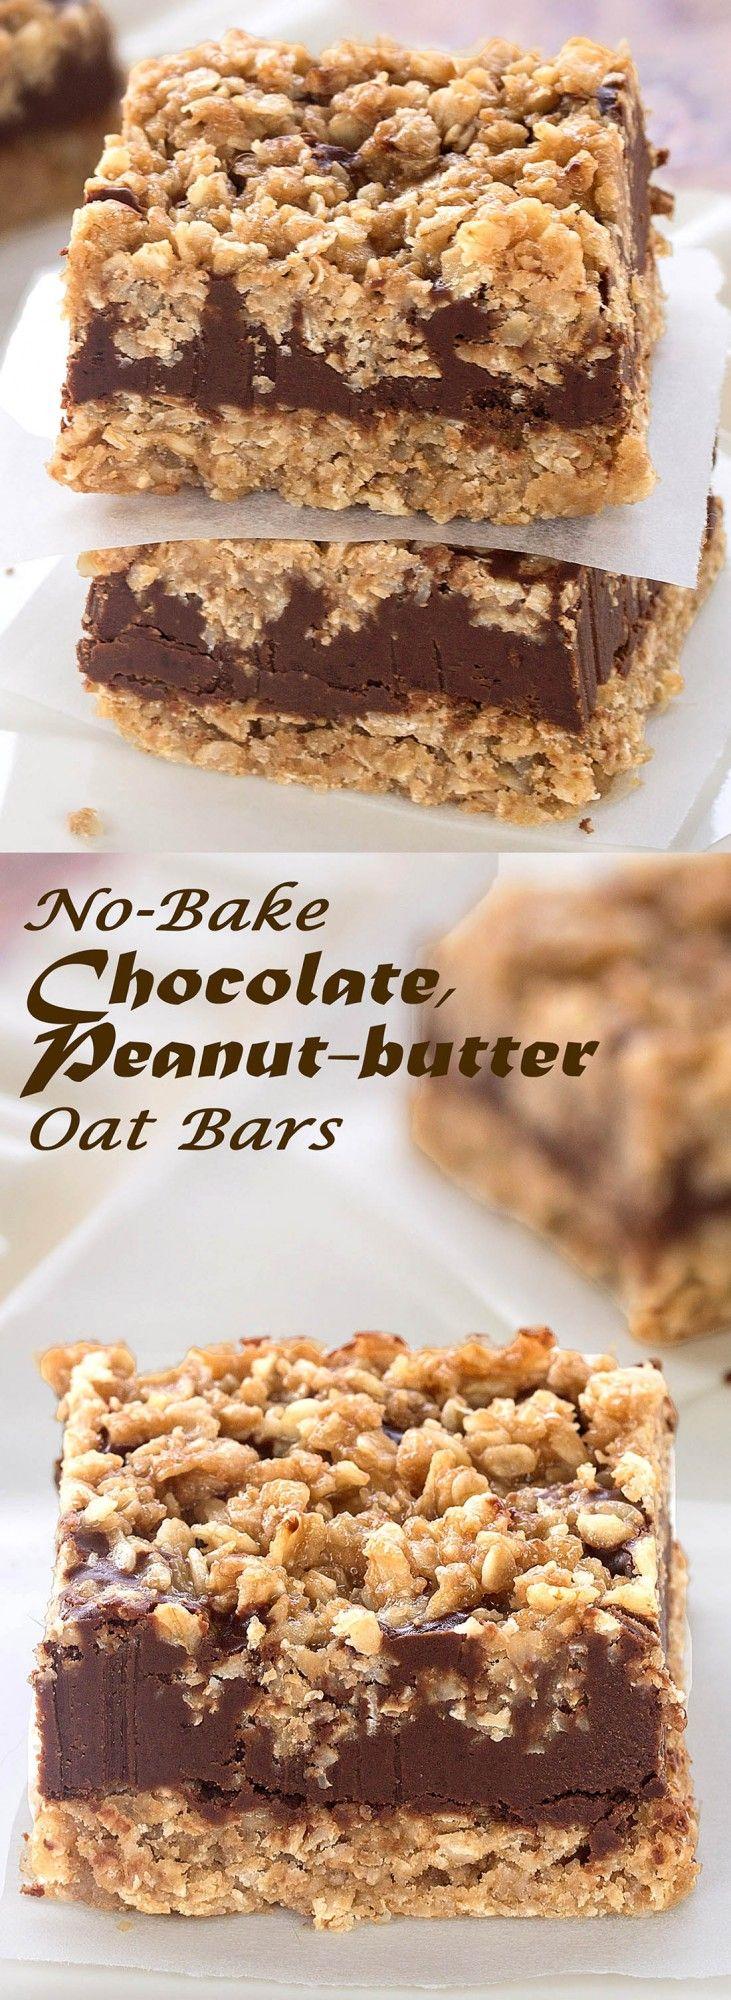 חיתוכיות שיבולת שועל, חמאת בוטנים ושוקולד - ללא אפייה - No-Bake Chocolate, Peanut-butter Oat Bars -משהו מתוק – הבלוג של וויני